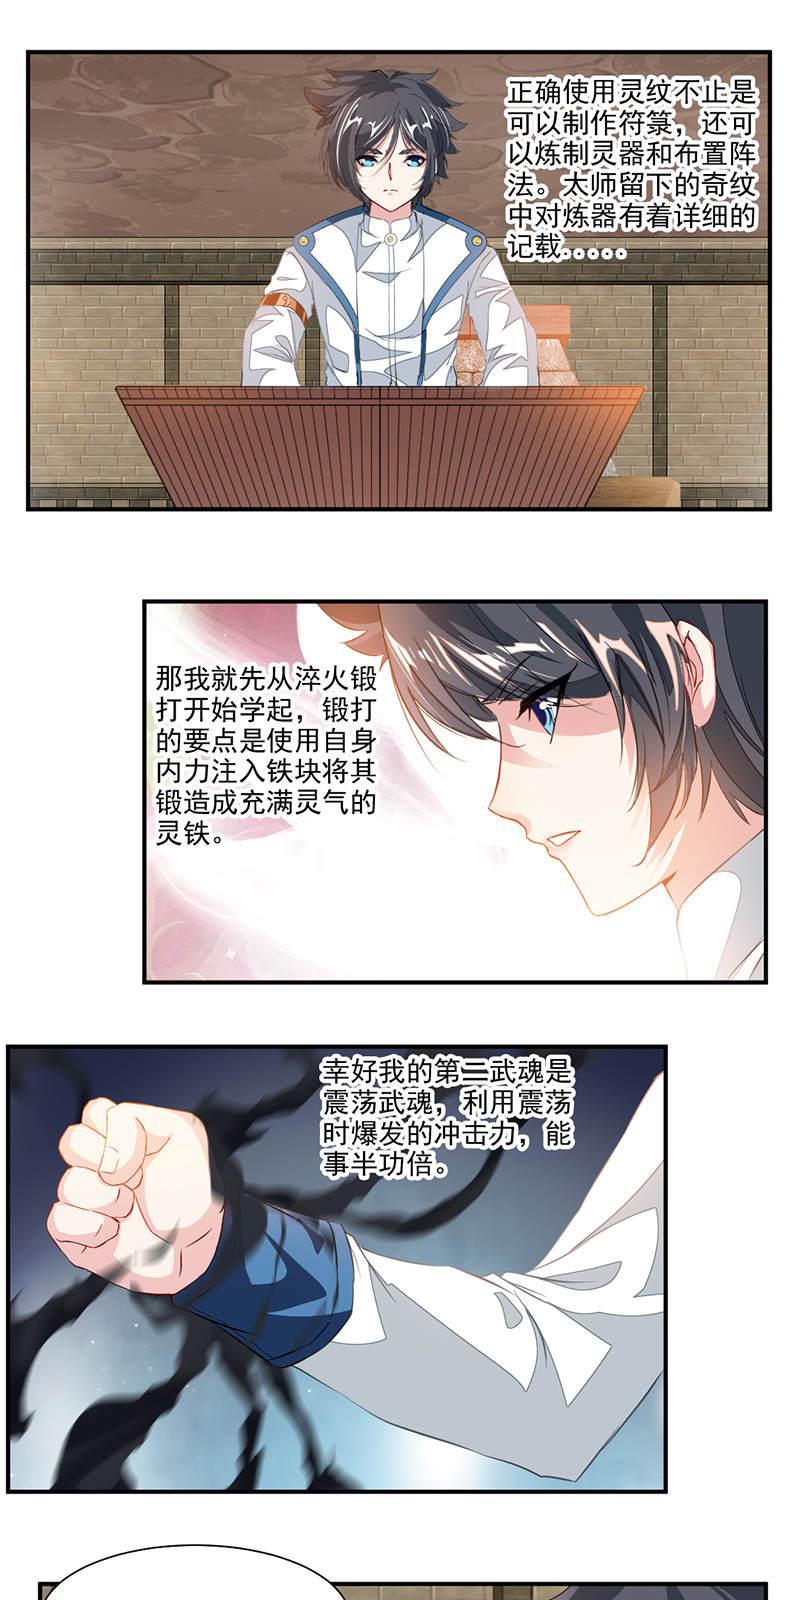 九阳神王第63话  锻造灵铁 第 4